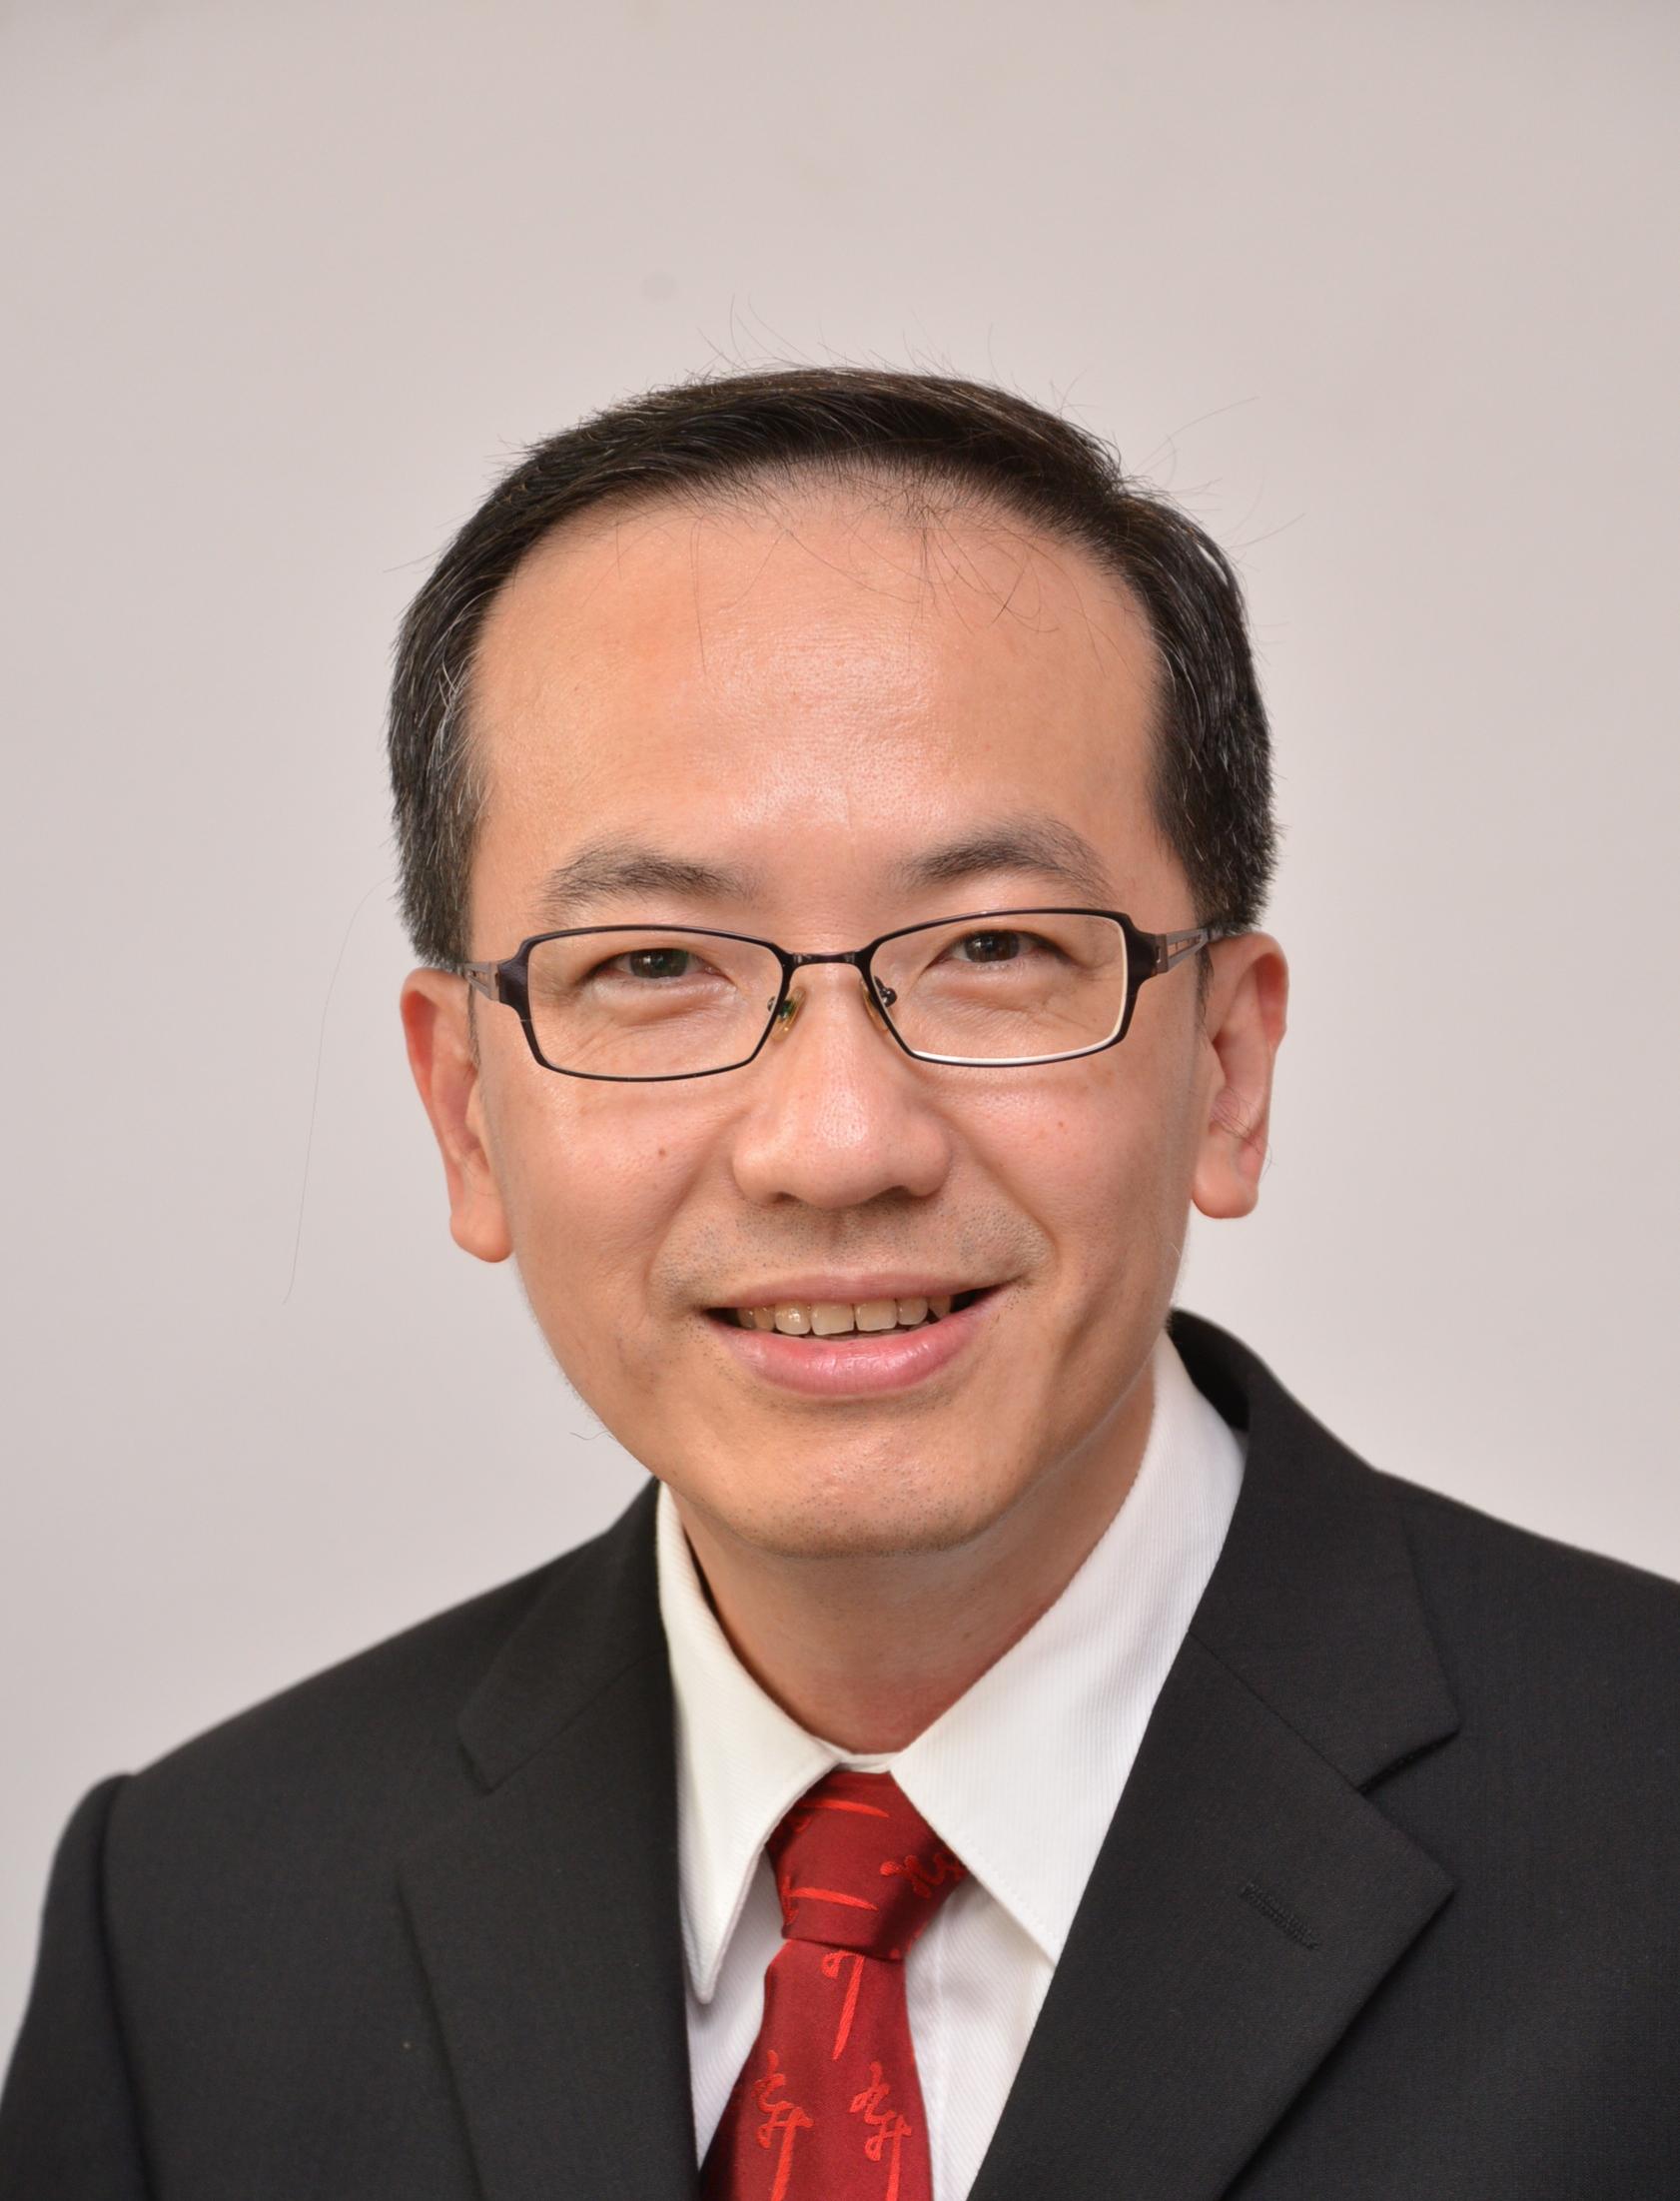 Pok Cheng Chong, Executive Director, CDAC. Photo courtesy: CDAC